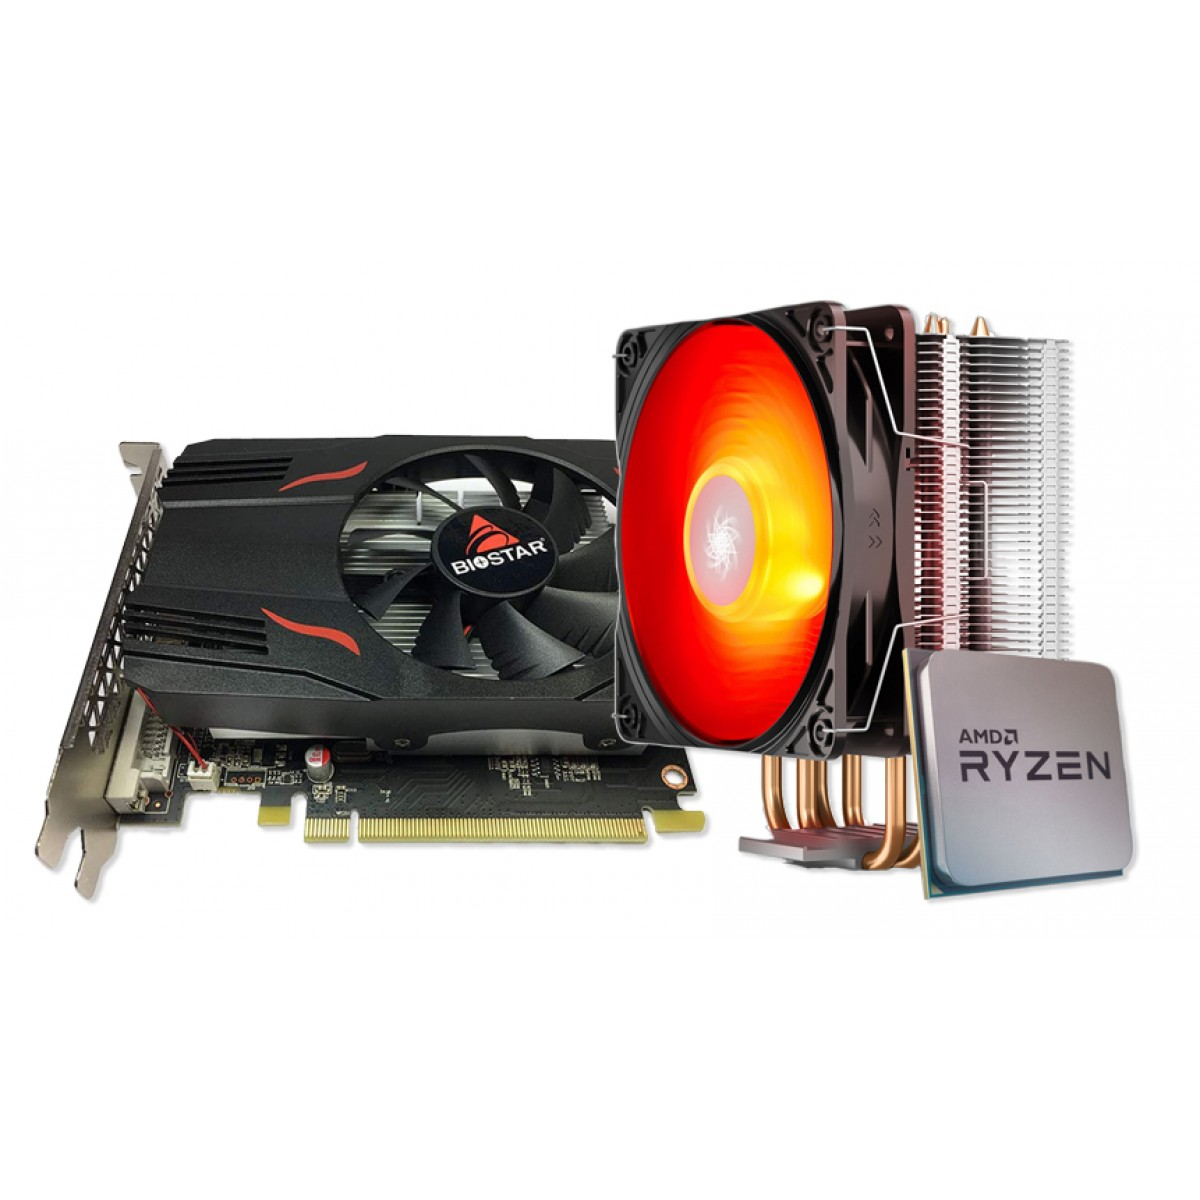 Kit Upgrade Biostar Radeon RX 550 4GB + Ryzen 3 3300X + Brinde Cooler